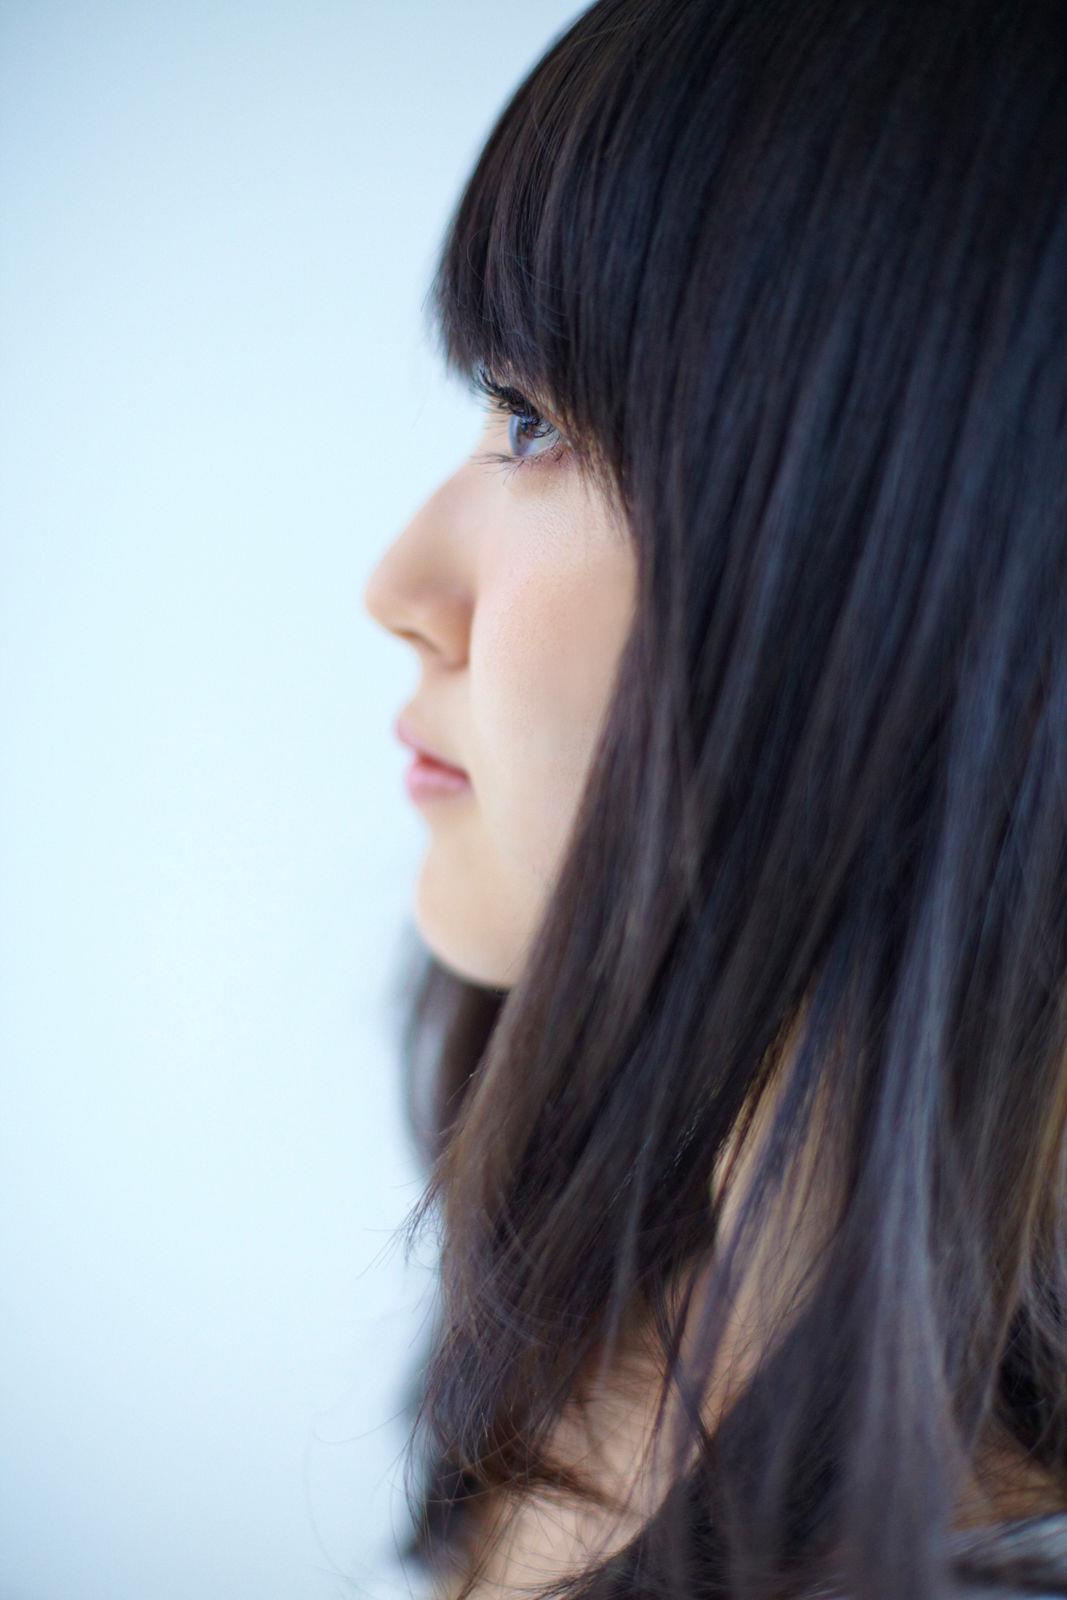 鈴木愛理(℃-ute) セクシー画像 12